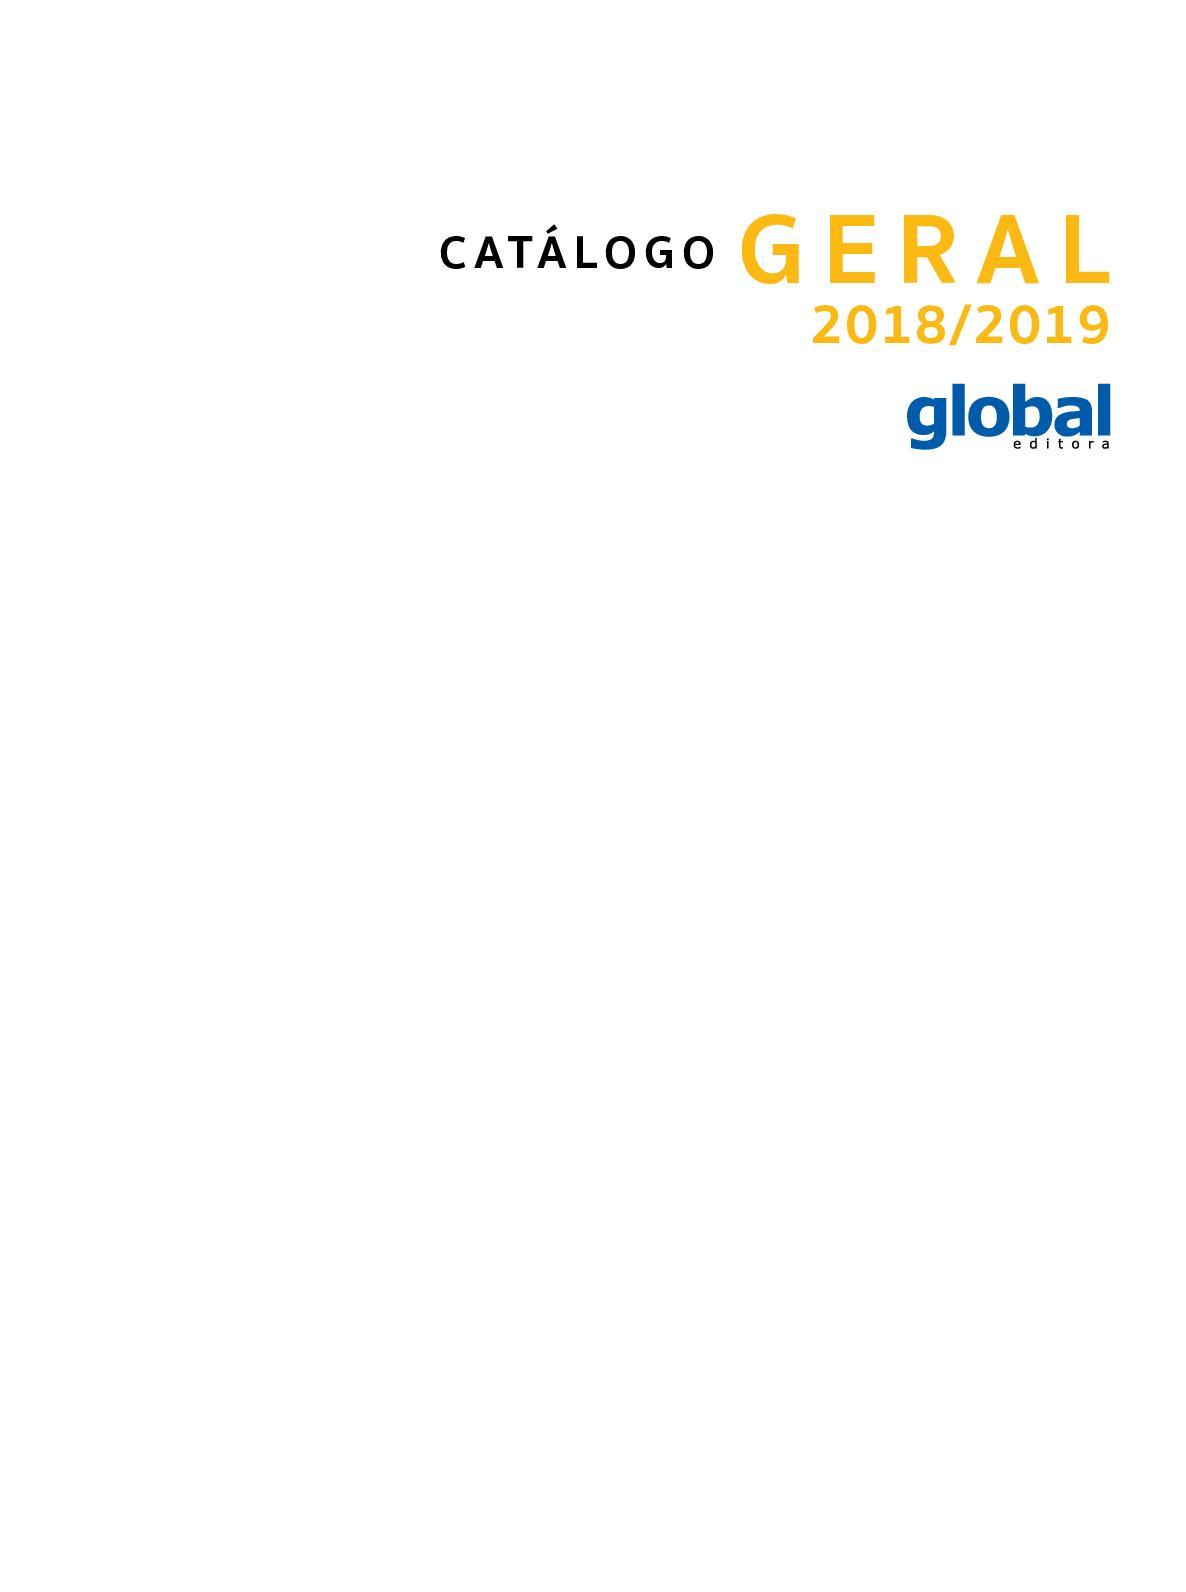 Calaméo - Catálogo Global 2018-2019 f8dcd9ca2c